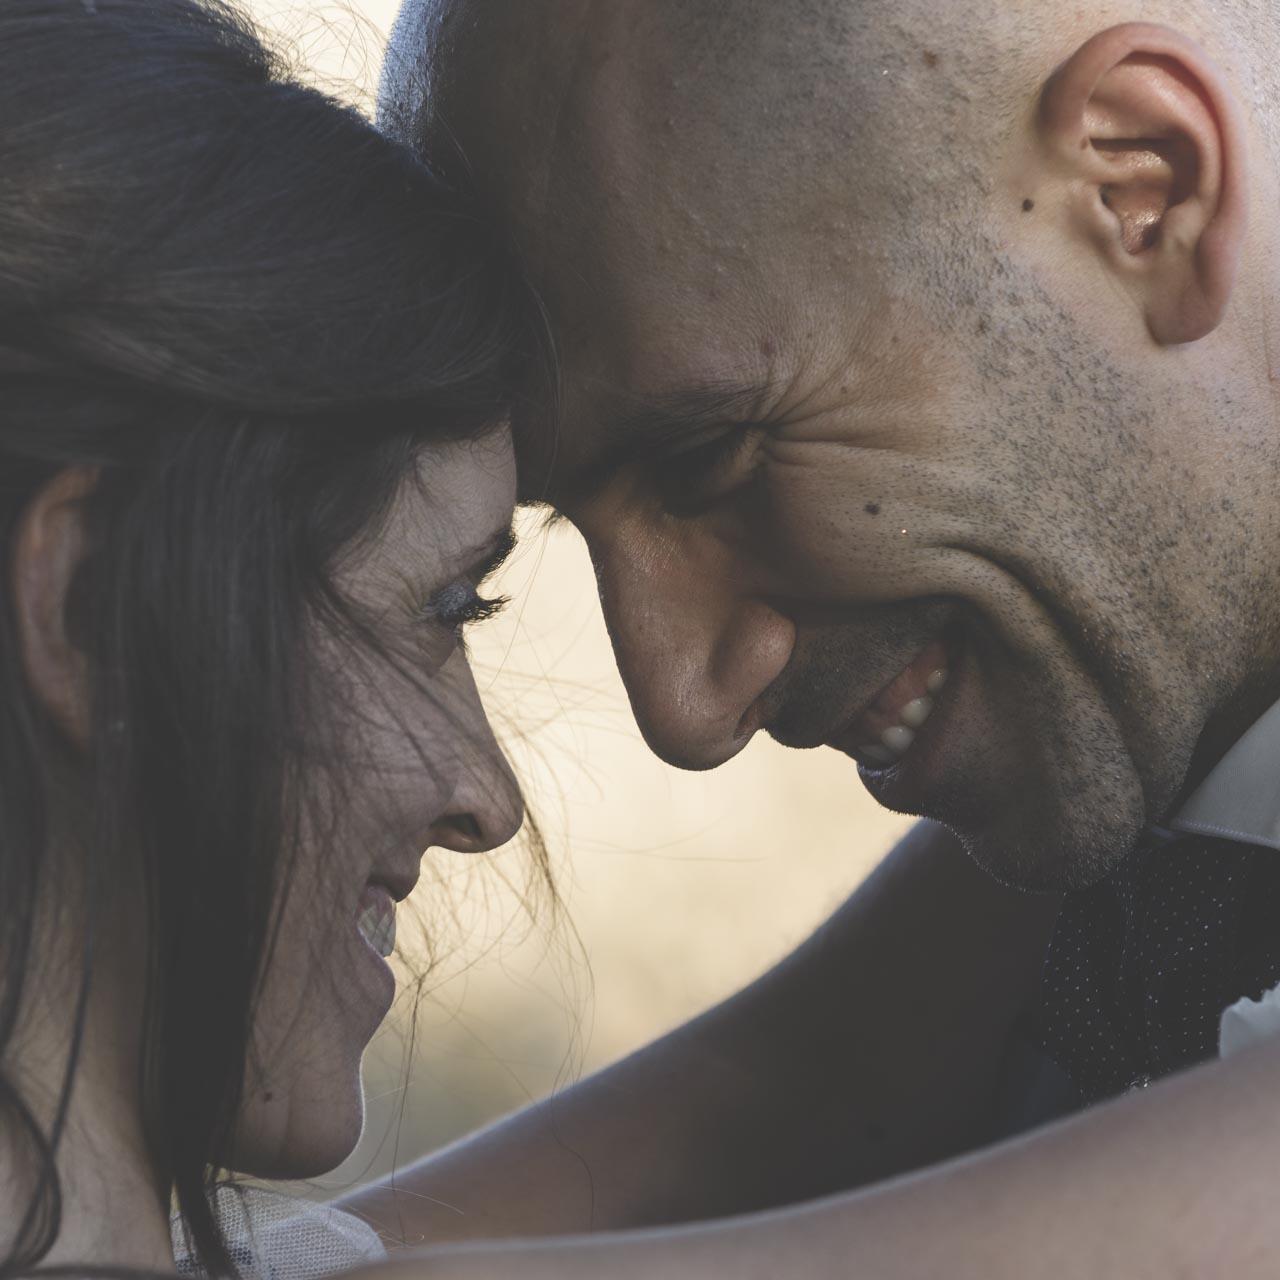 Stefano & Marika__1643__160618